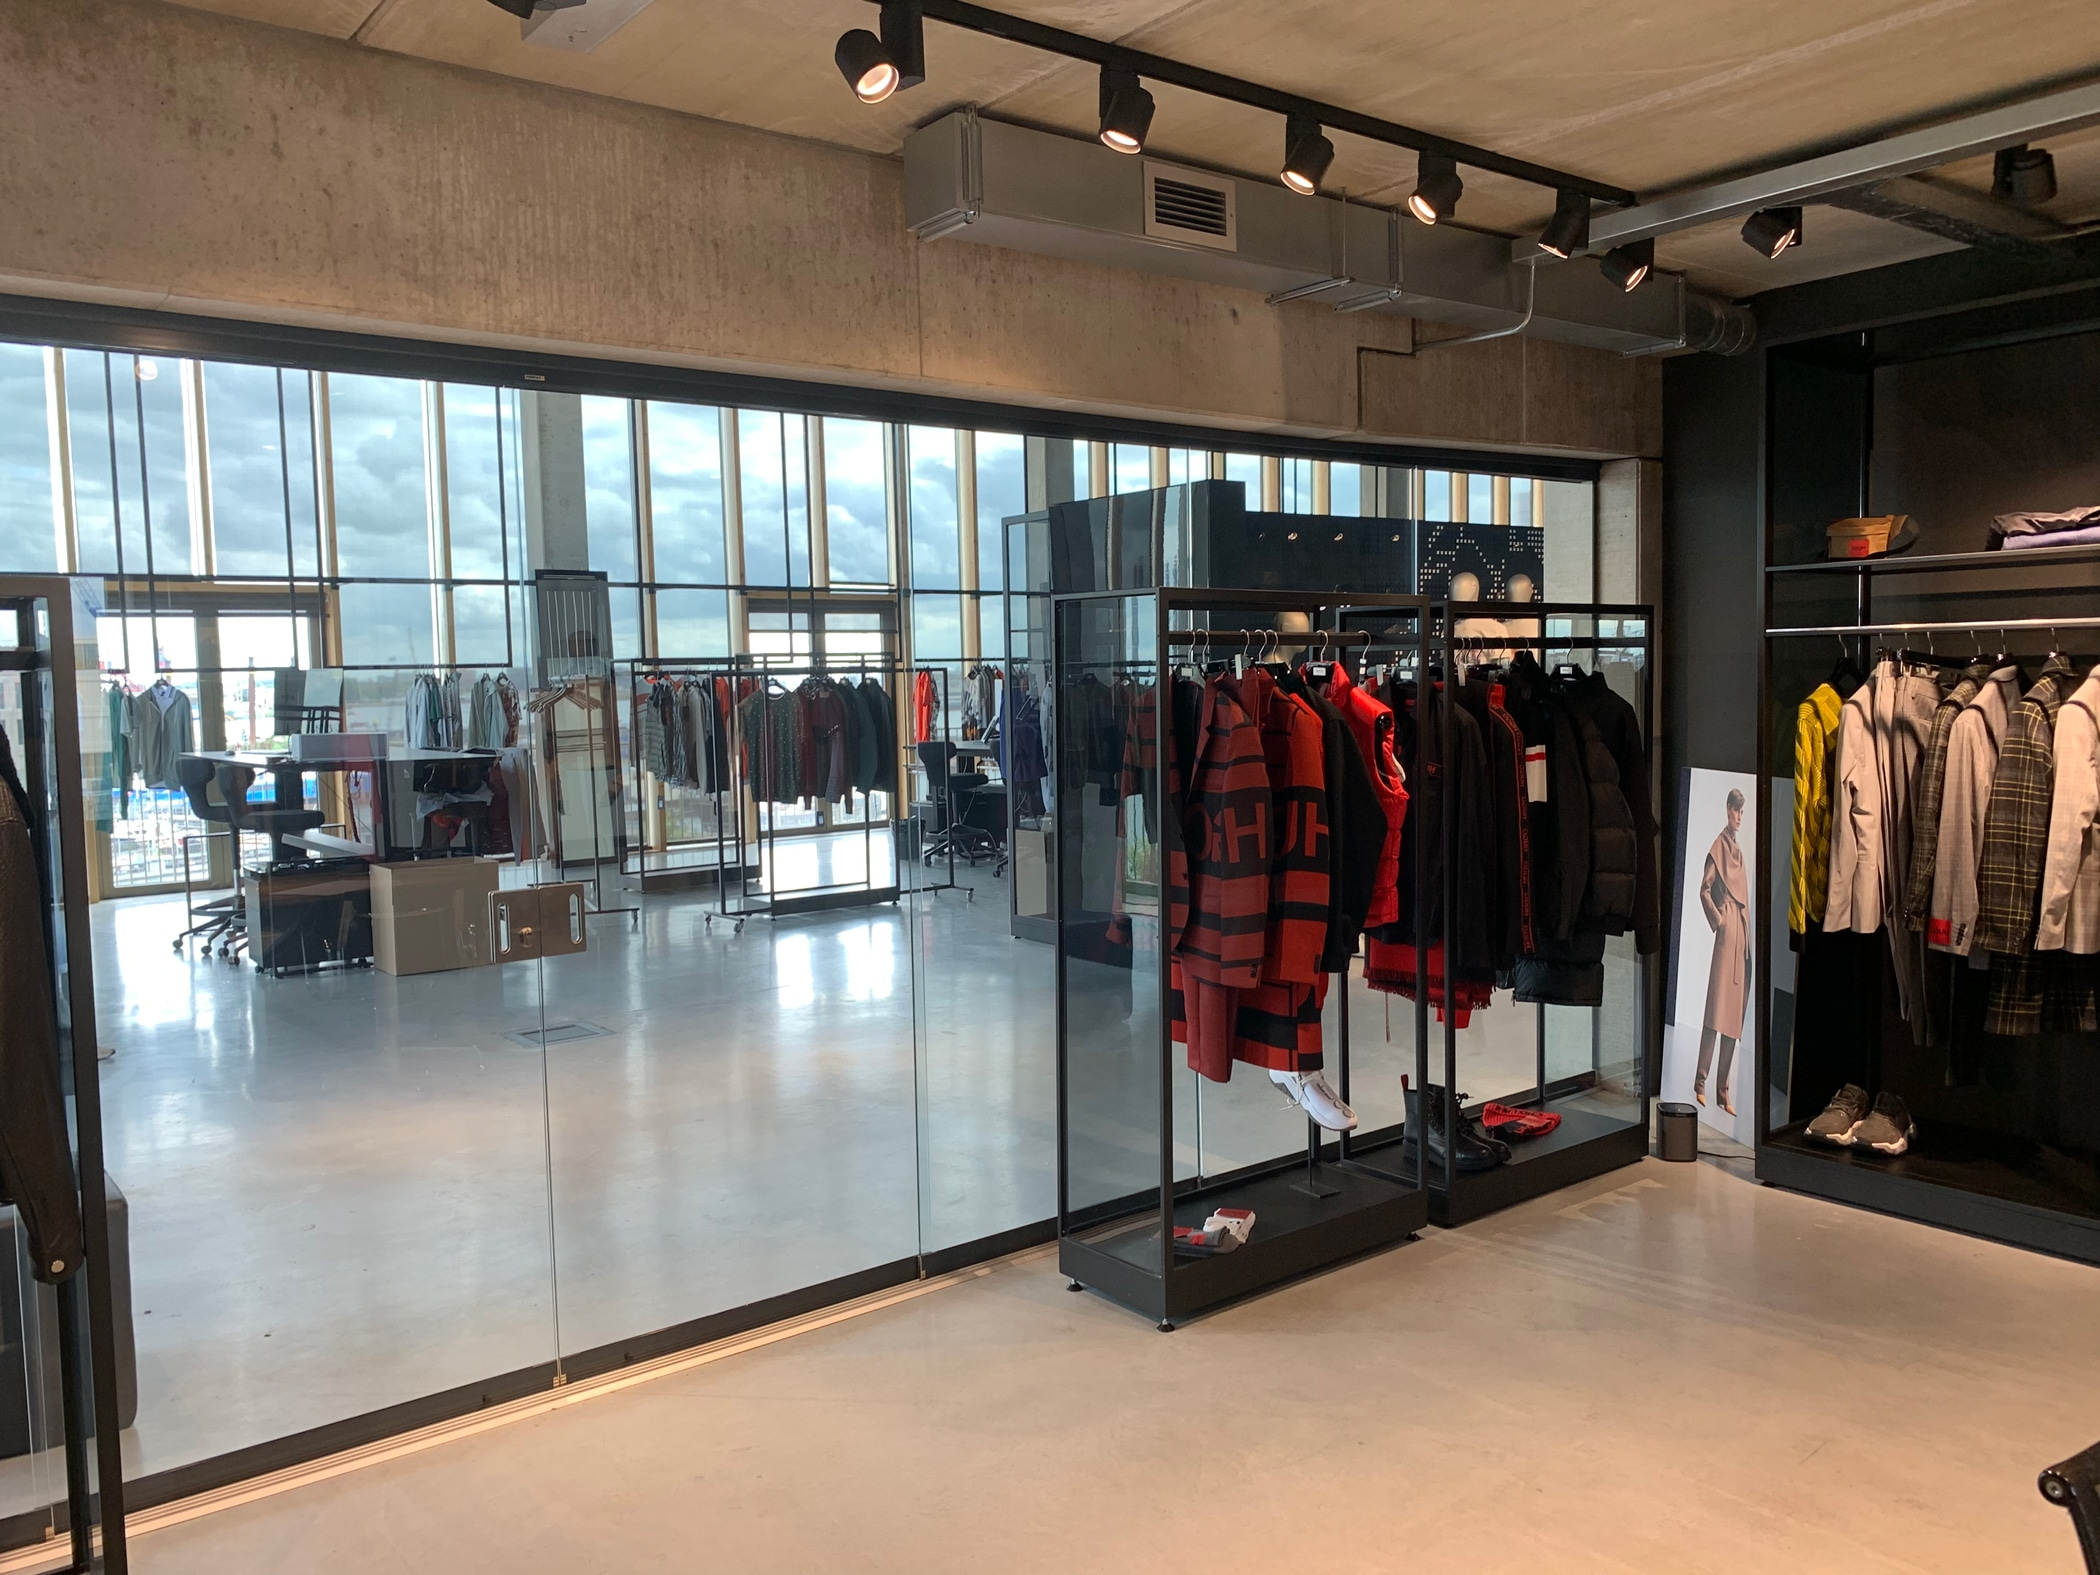 Versperrbare Glasschiebetüren für Innenbereich - Geschäftslokal